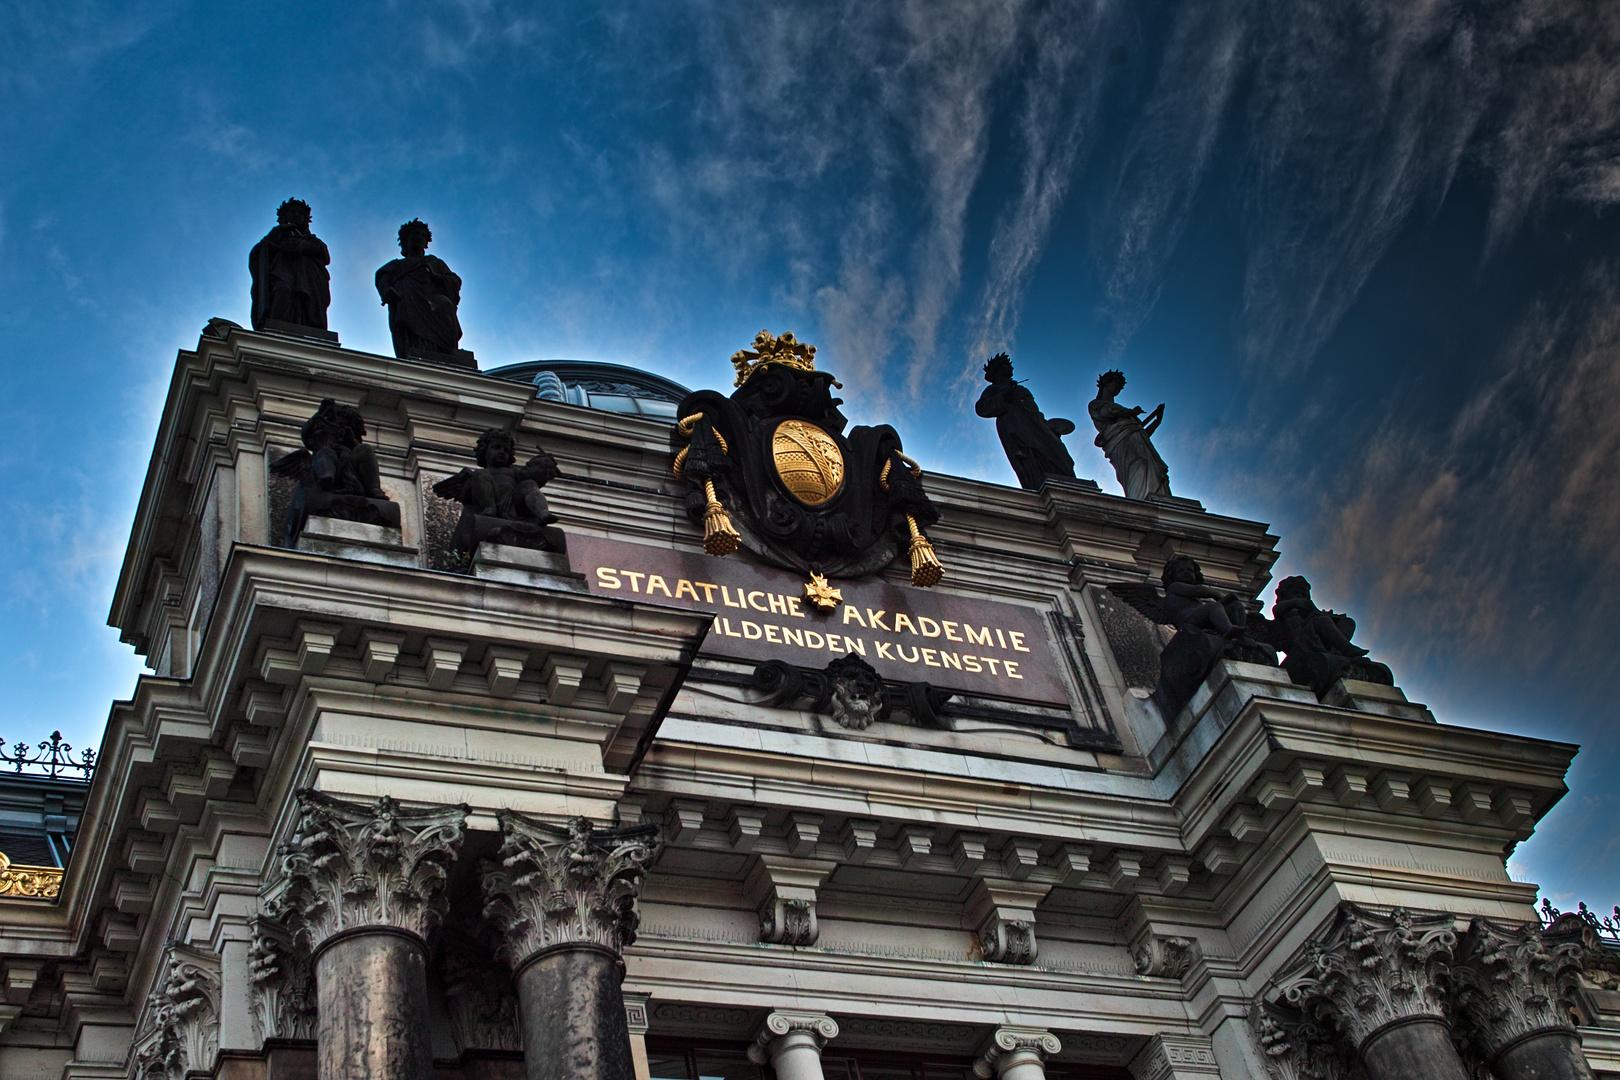 Dresden Staatliche Akademie